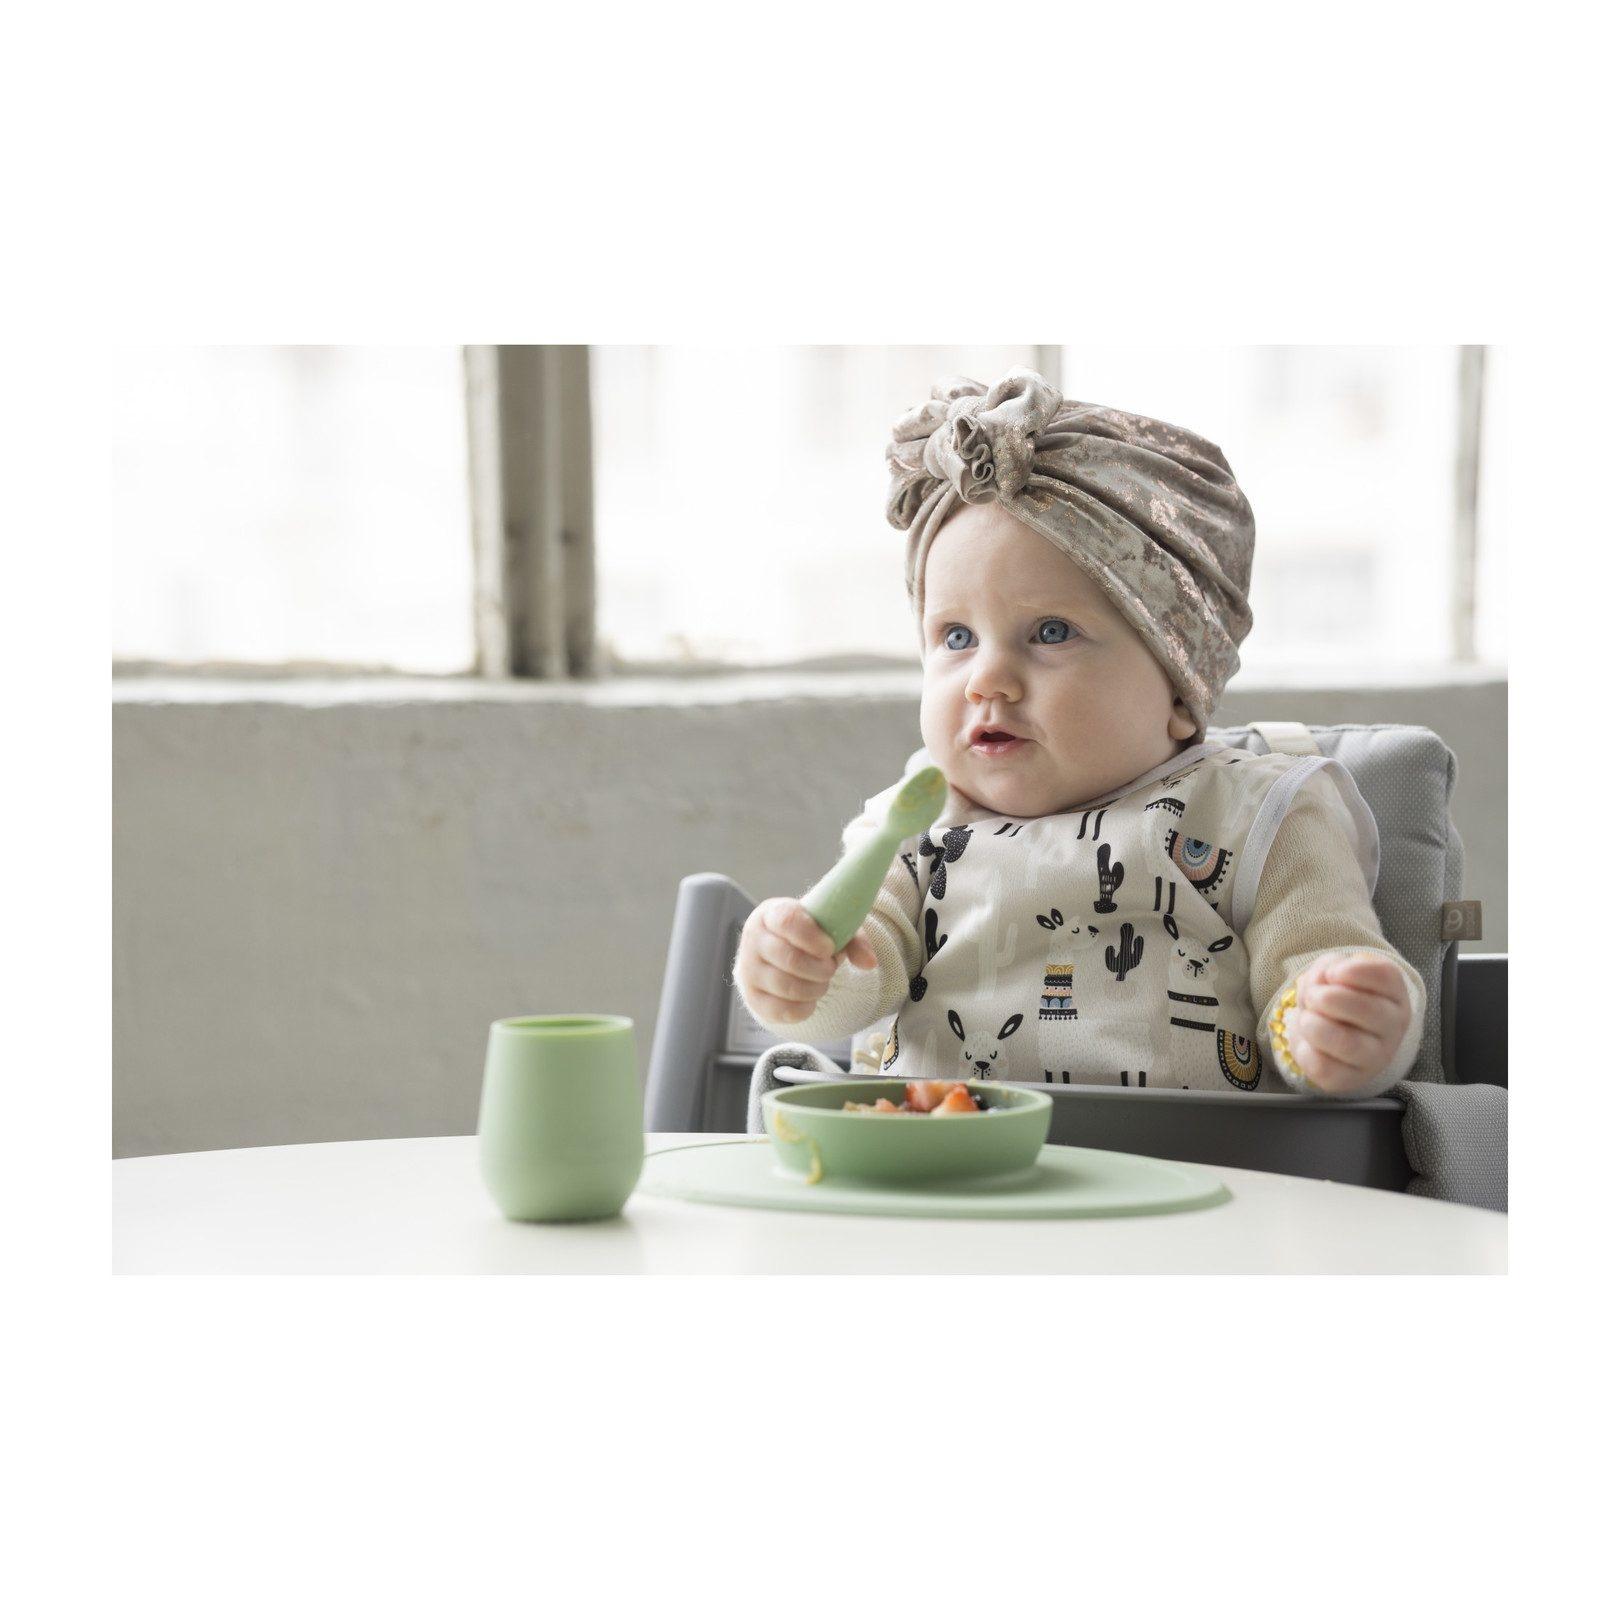 EZPZ ezpz First Foods Set/ Sage